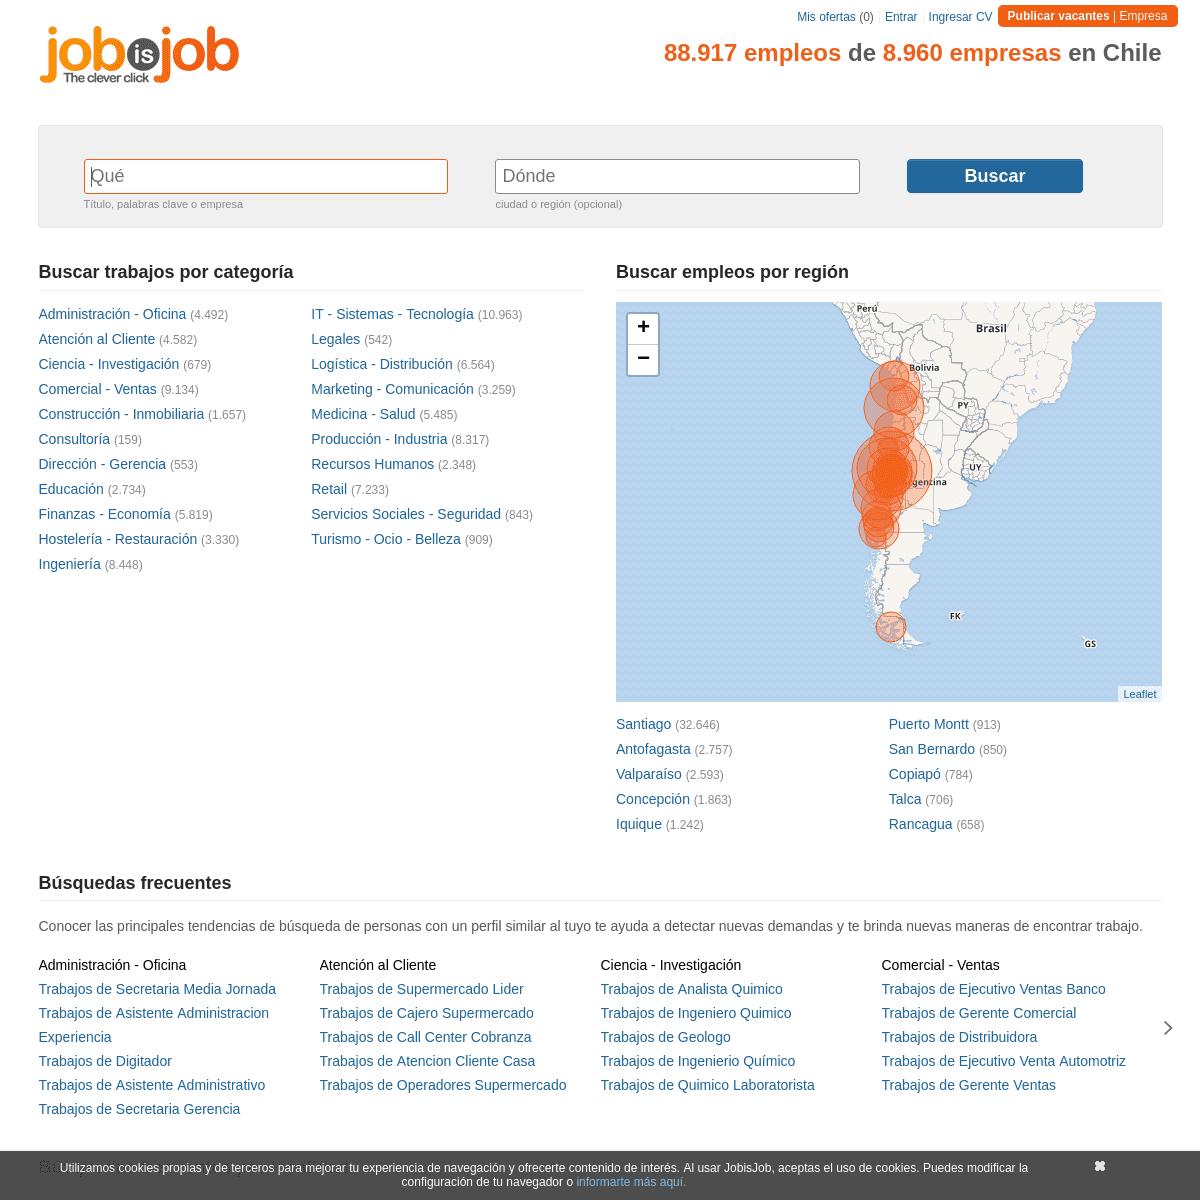 ArchiveBay.com - jobisjob.cl - Busca en todas las bolsas de trabajo. Trabajos, Empleos - JobisJob Chile